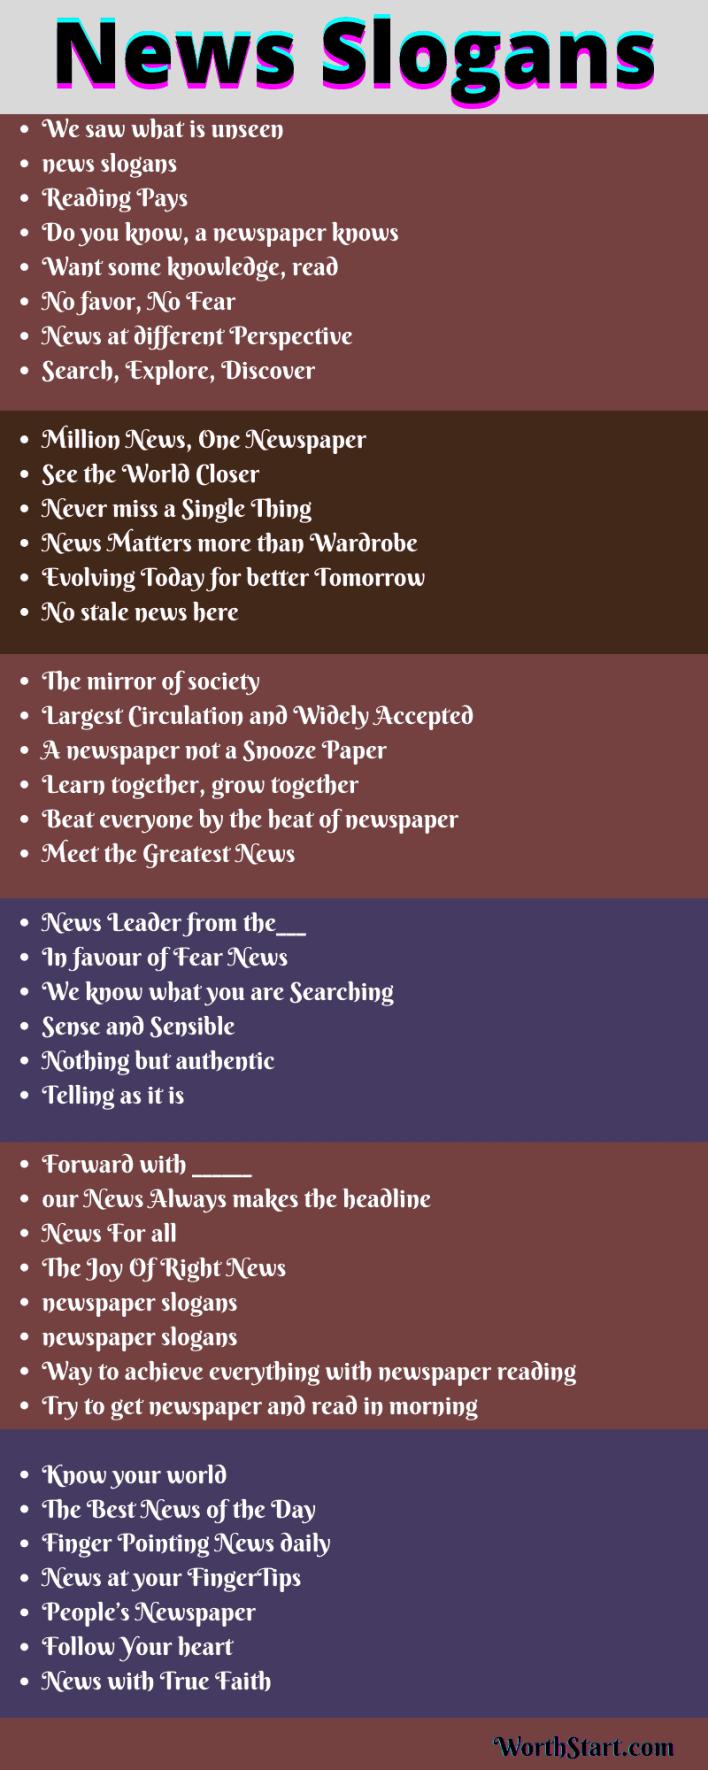 News Slogans